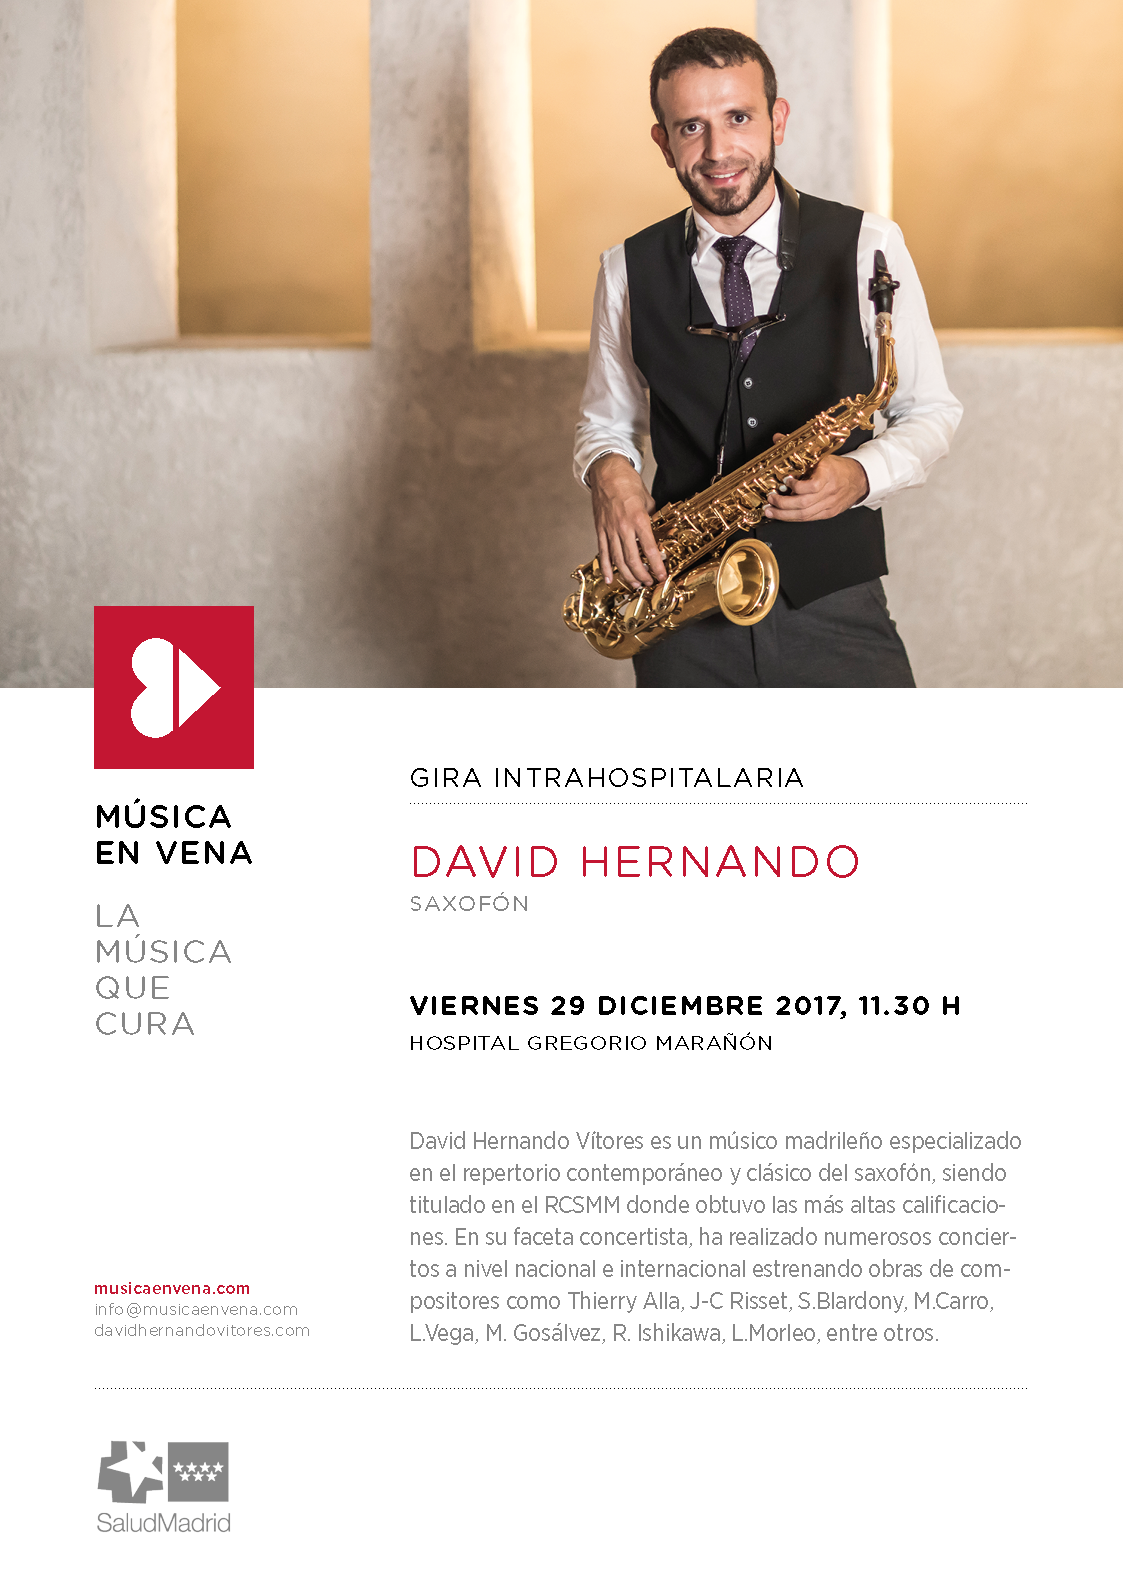 Música en Vena. David Hernando Vito